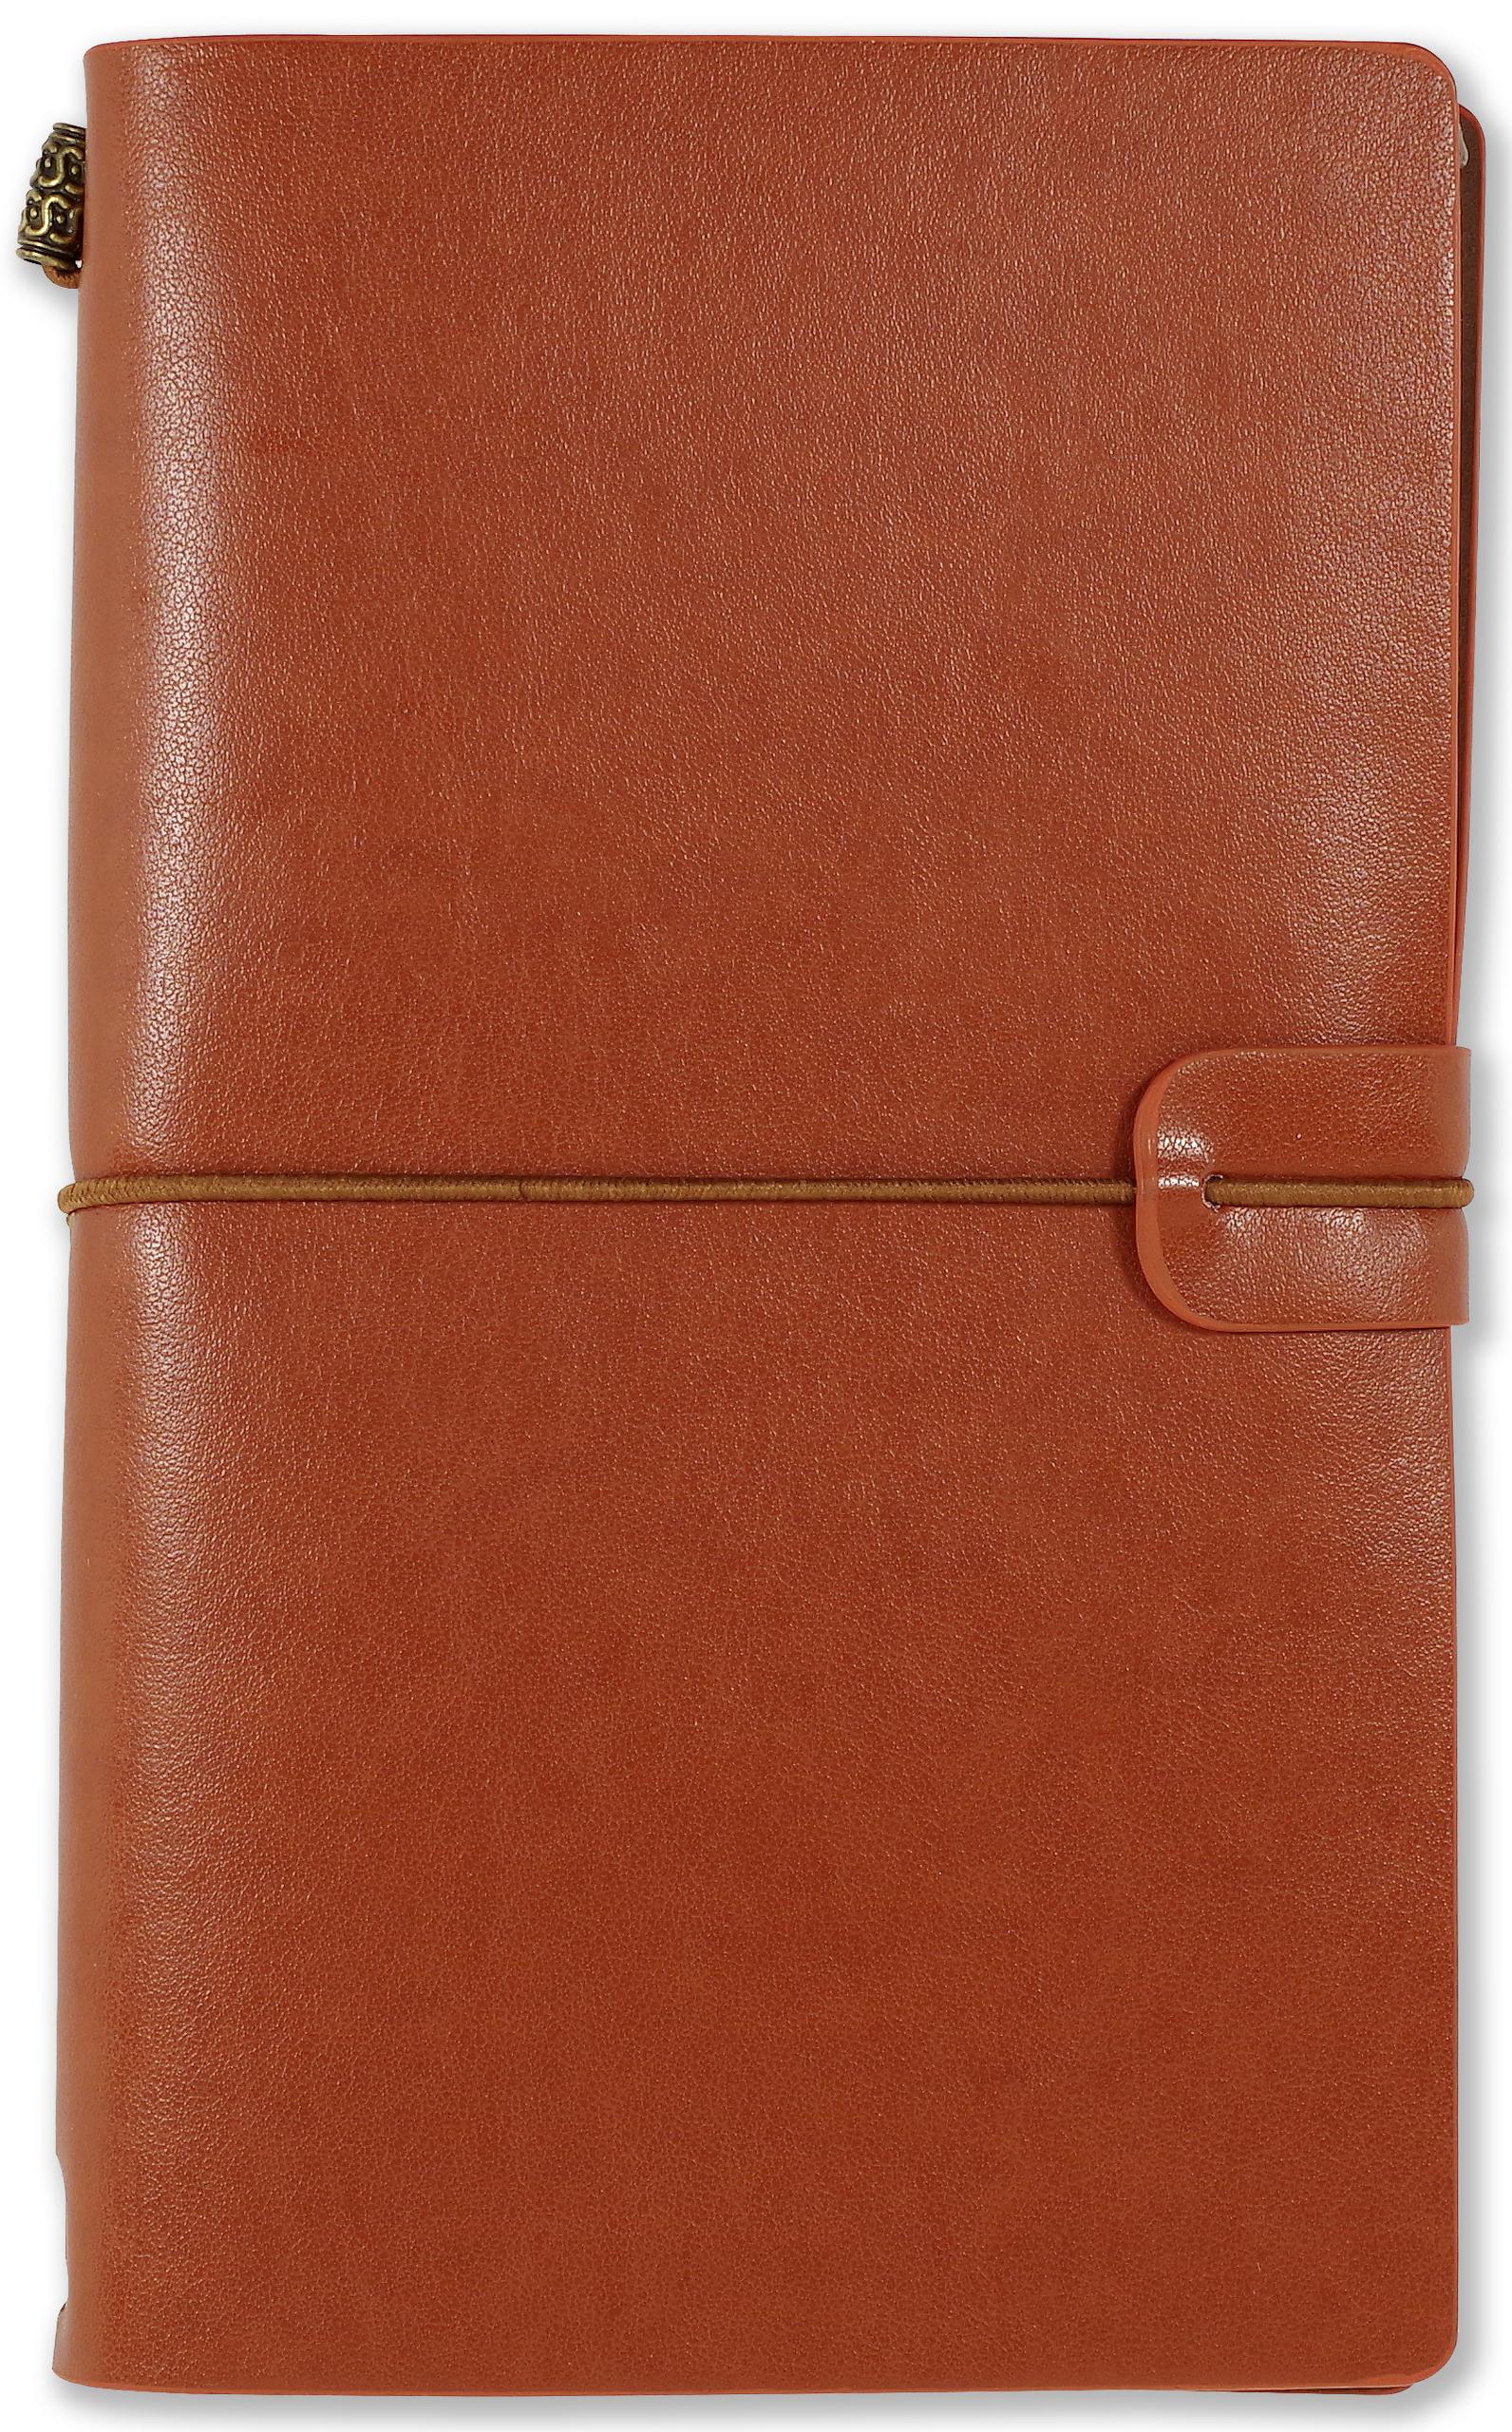 Voyager Notebook in nutmeg brown